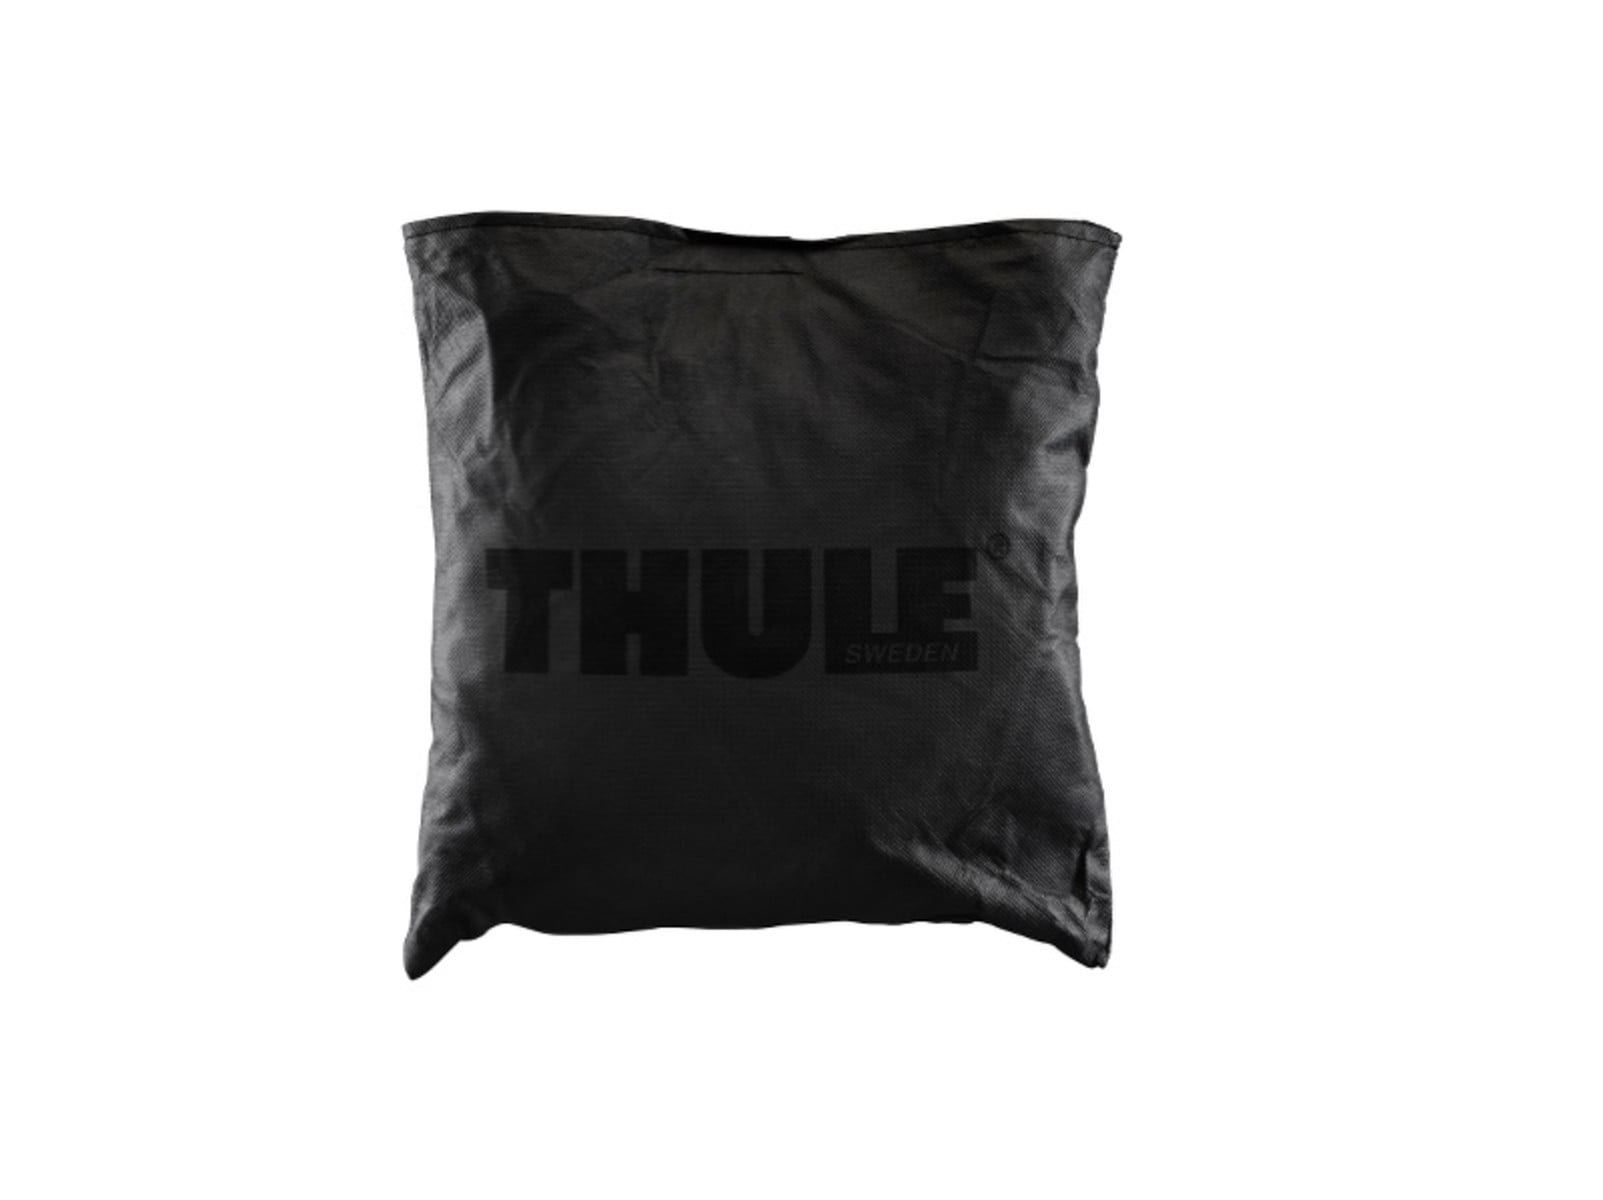 Husa de protectie pentru cutiile portbagaj Thule Box Lid Cover 3